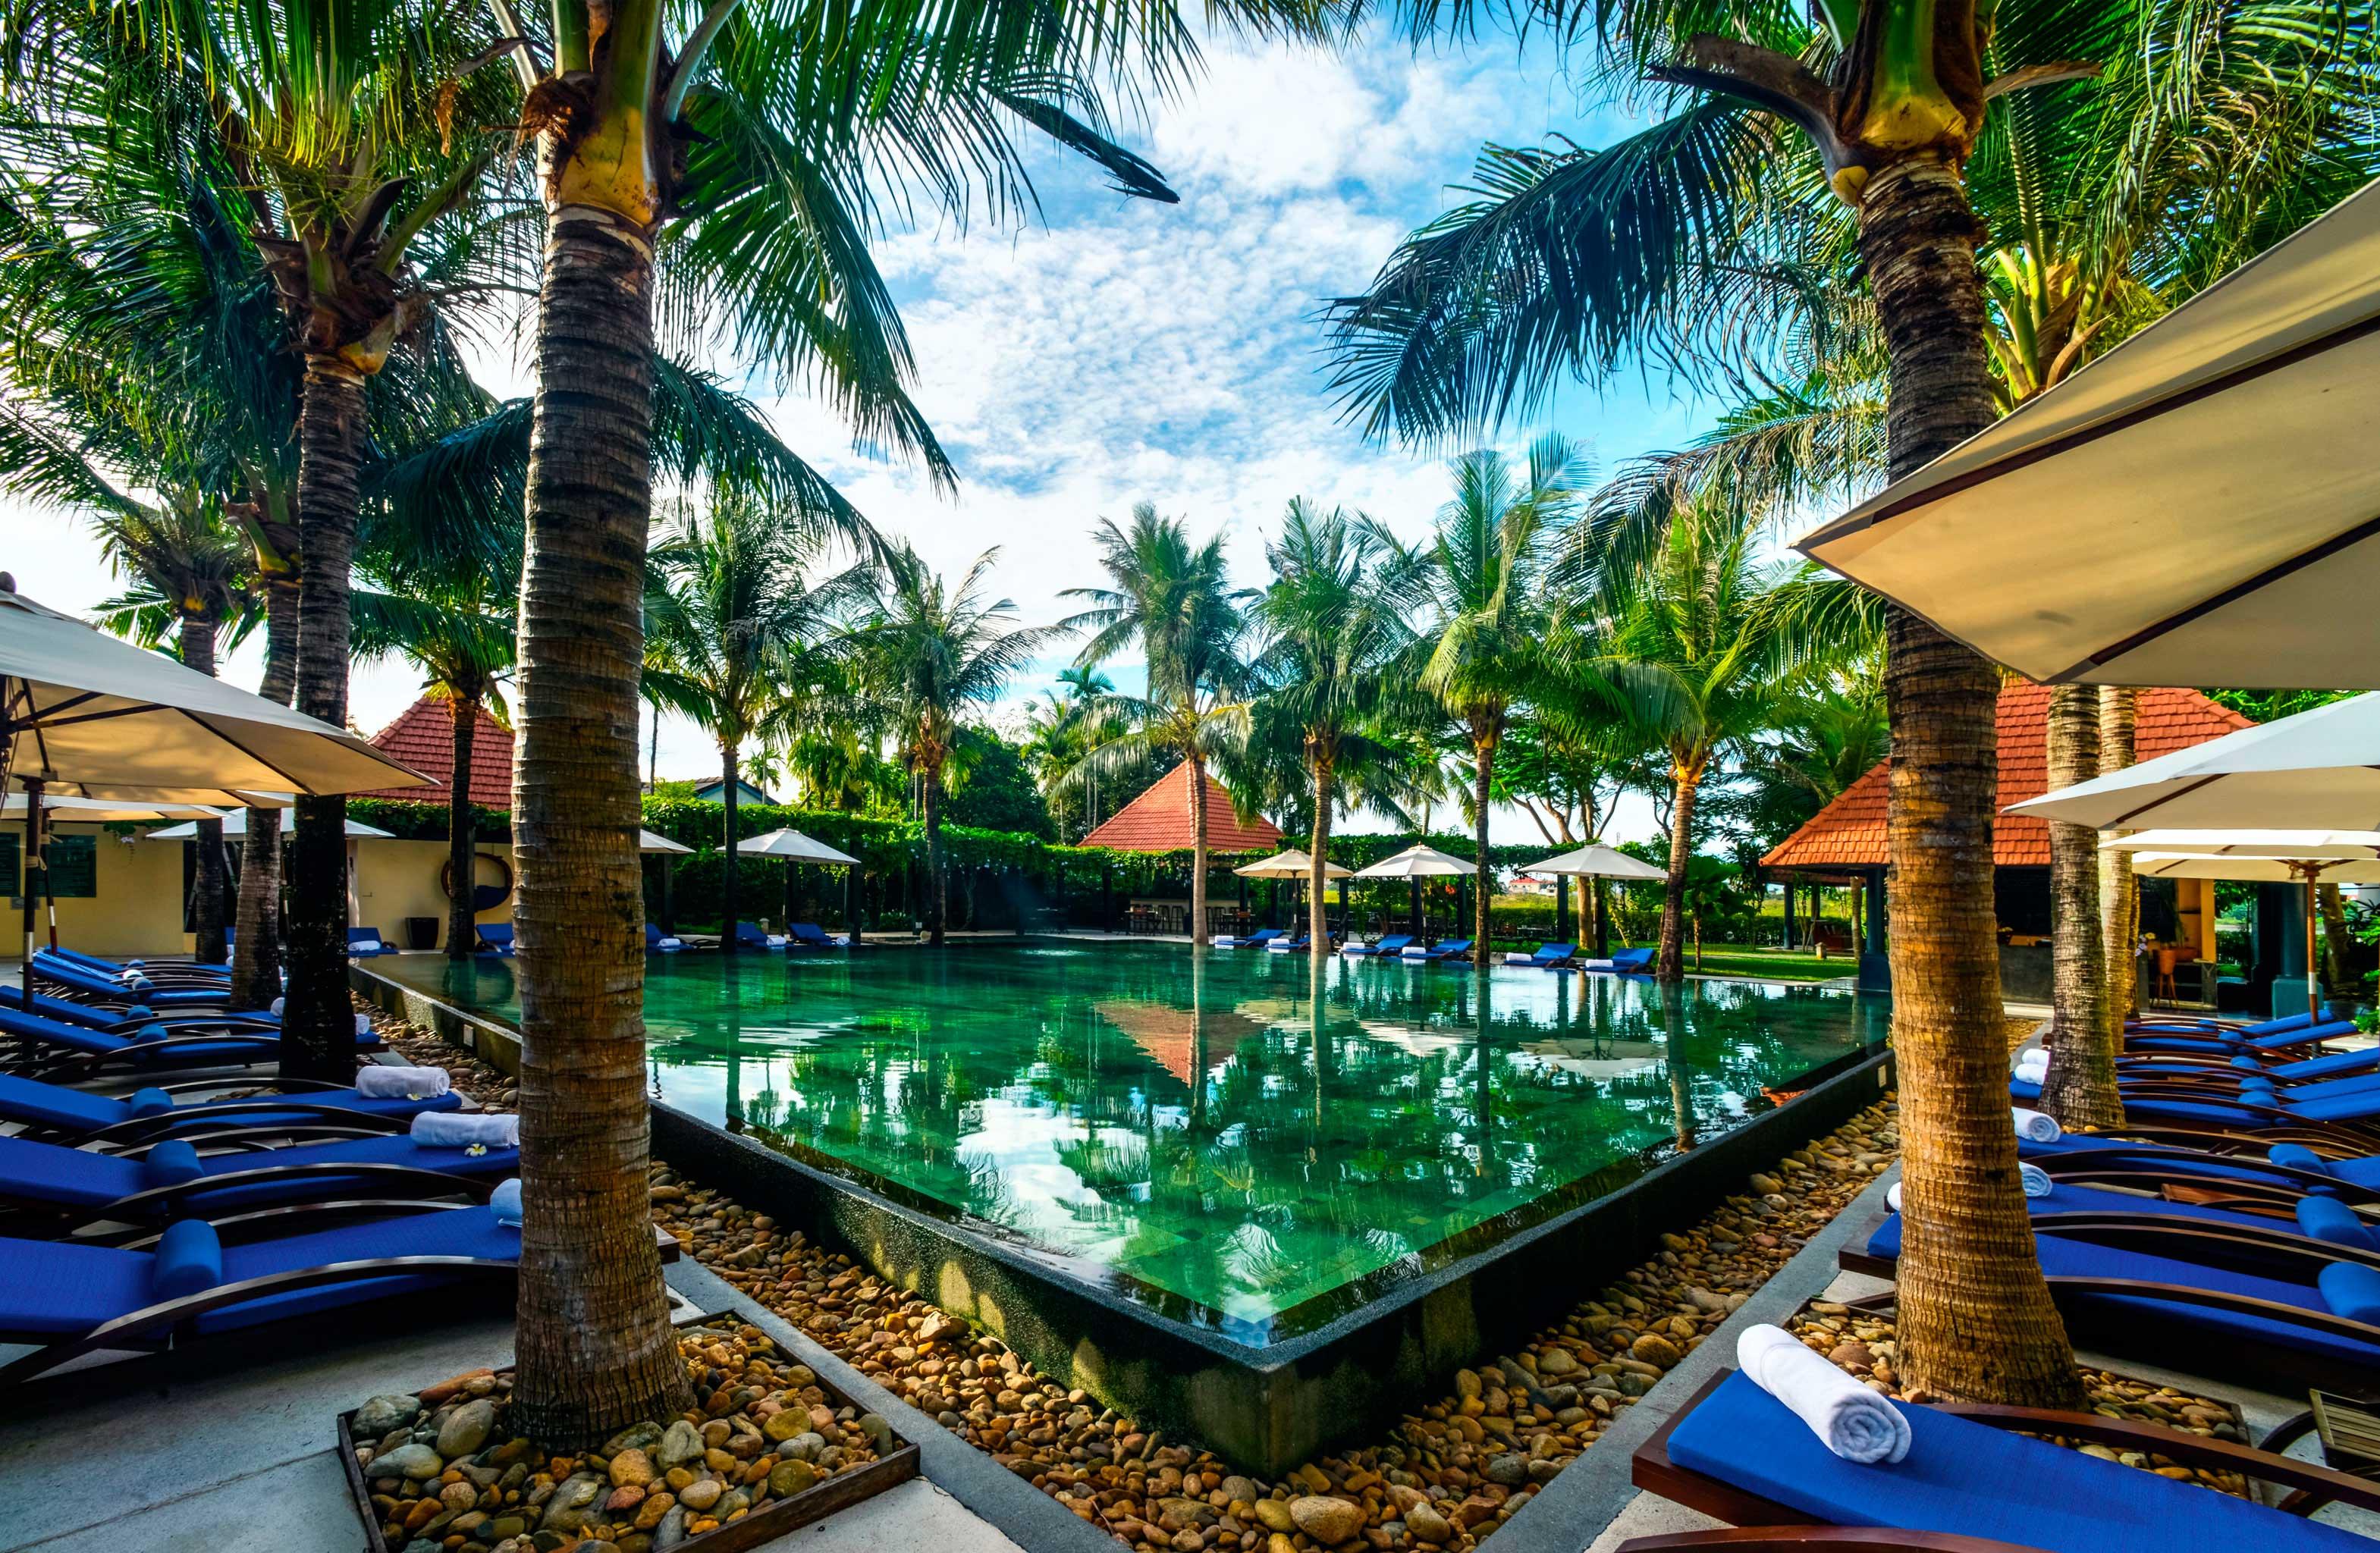 Crédito foto: https://www.jetsetter.com/hotels/hoi-an/vietnam/4215/anantara-hoi-an-resort